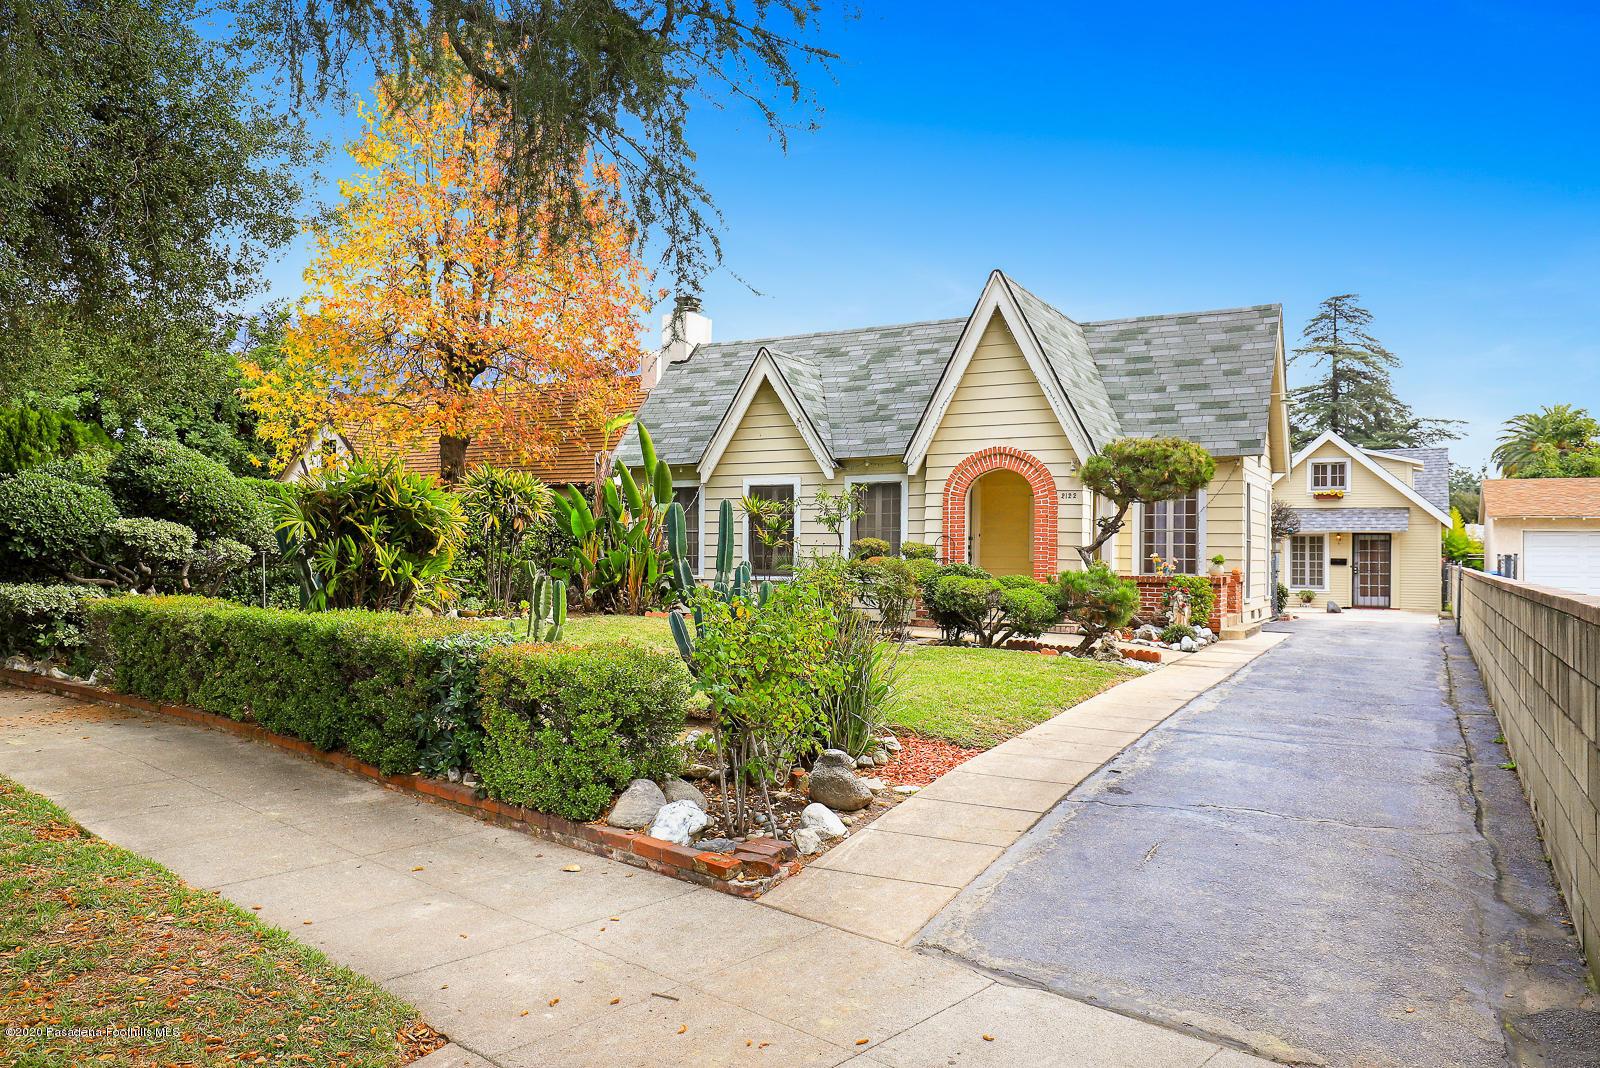 2122 Navarro Avenue, Altadena in Los Angeles County, CA 91001 Home for Sale